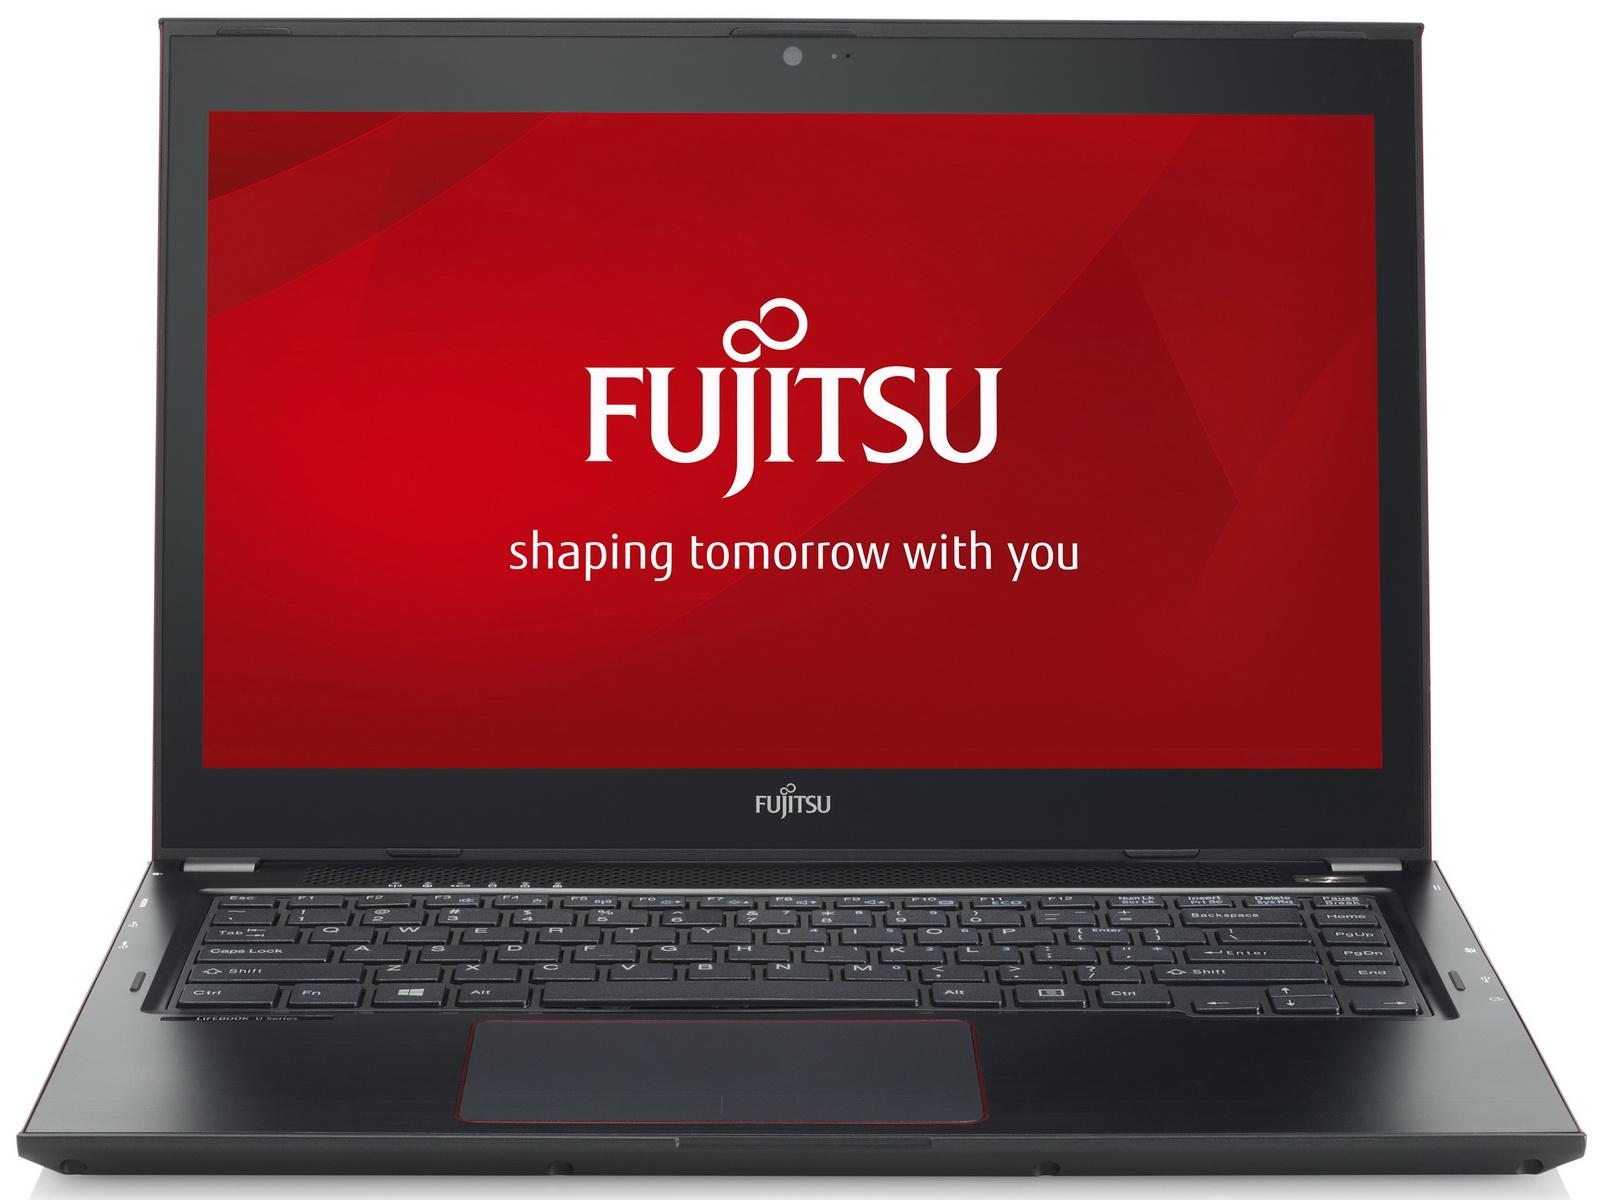 fujitsu presents thin 13 3